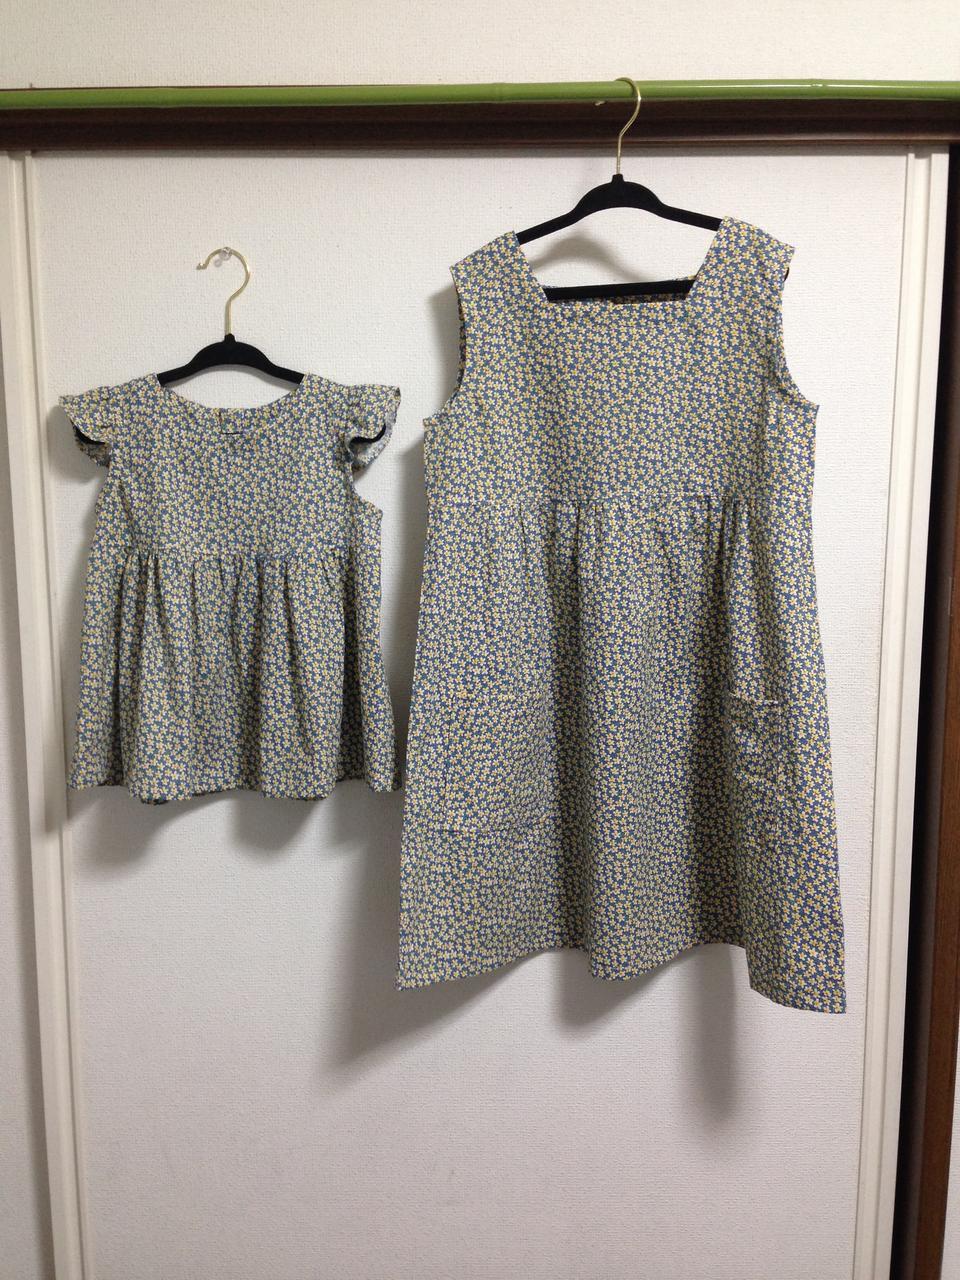 8e45f00609153 同じ生地でフリル付きチュニックを、朝井牧子さんの「ハンドメイドベビー服enannaの80~90センチサイズのかわいいお洋服」を見て作りました。